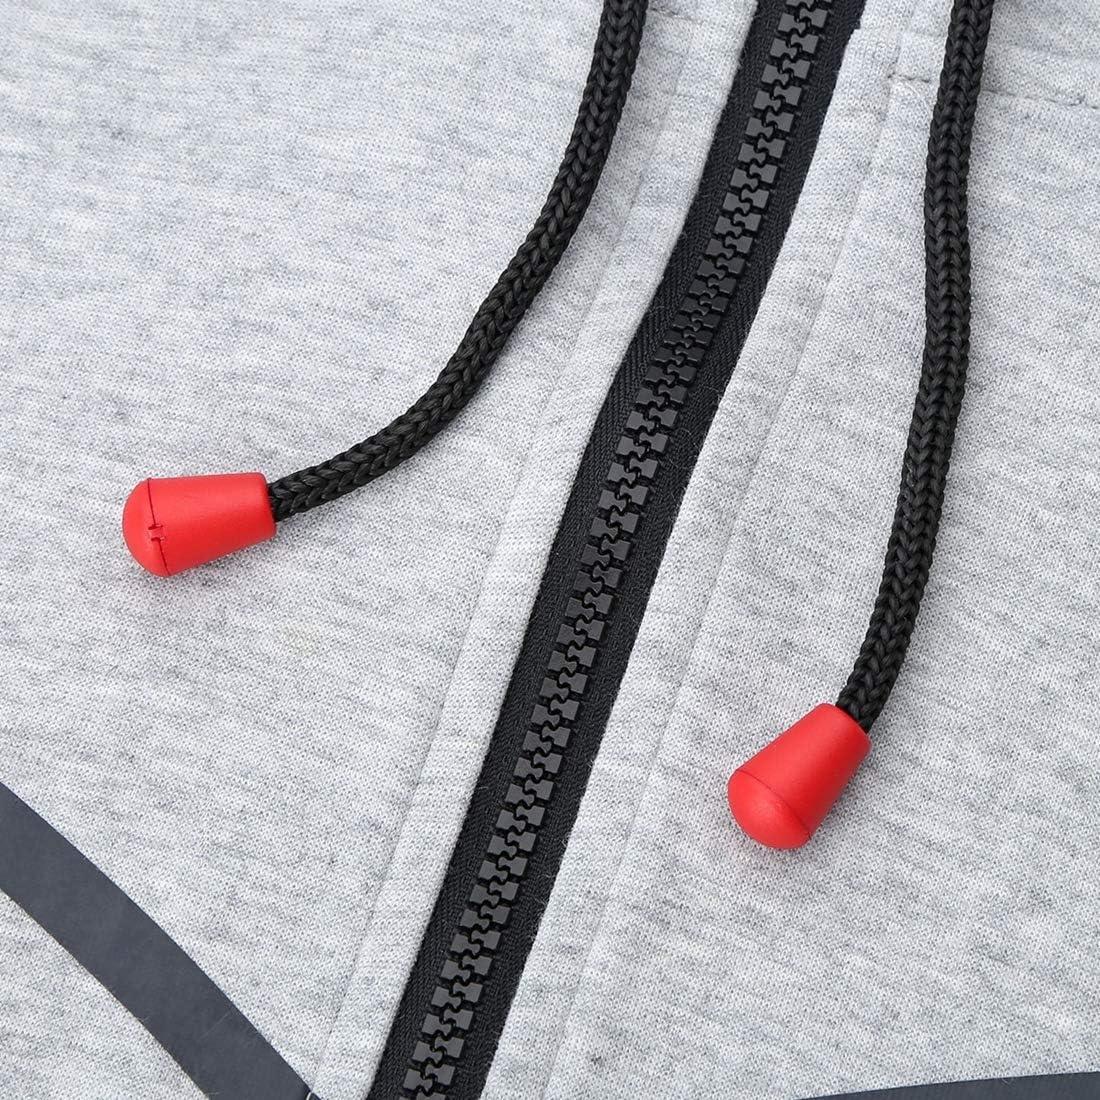 30pc Cord Ends Campana Corda Serrature di fissaggio con chiude coperchio fai da te con coulisse di fissaggio Tappi per lacci Borse//Abbigliamento//Scarpe